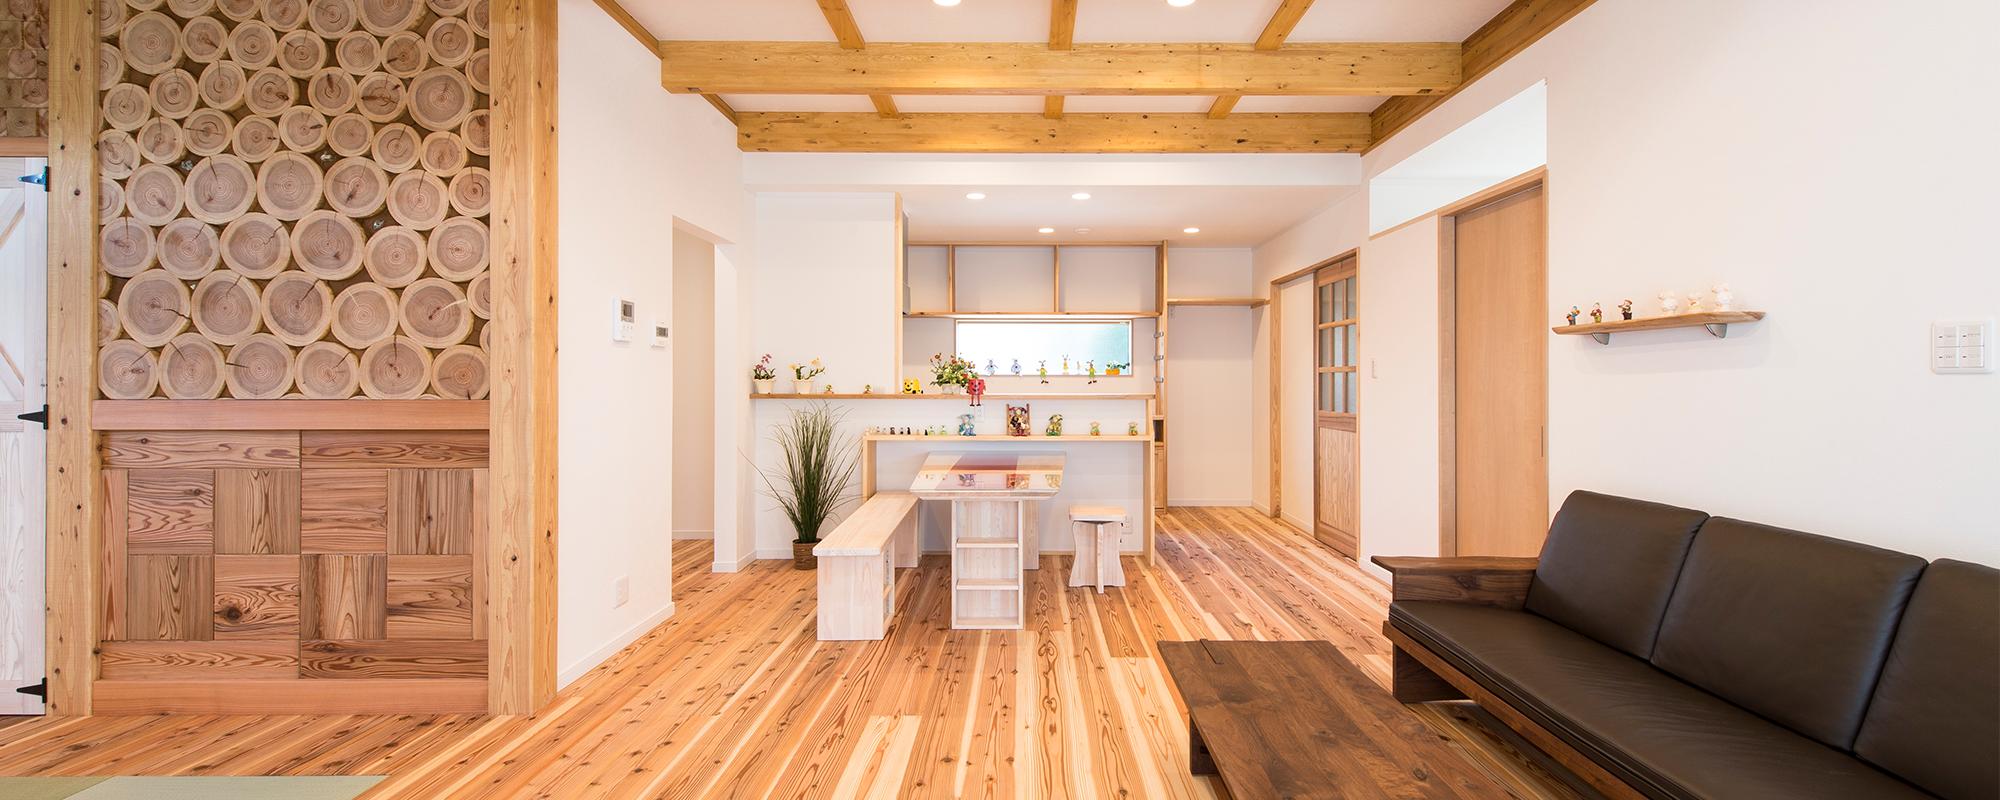 福岡市で注文住宅・家づくりの工務店は馬渡ホーム